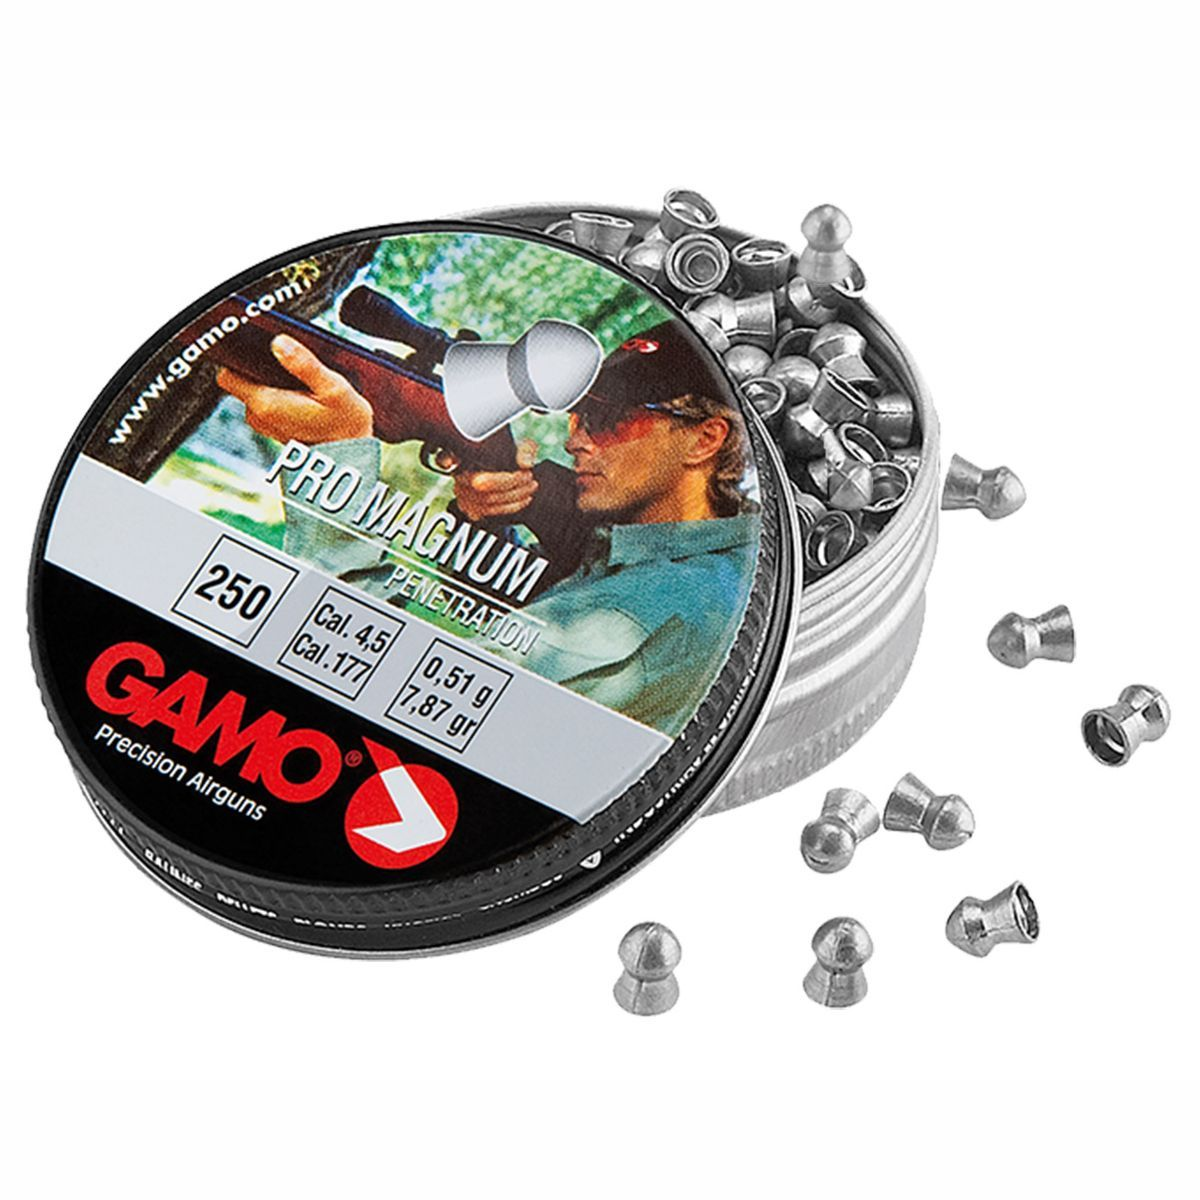 Chumbinho Gamo Pro Magnum Penetration Cal. 5,5mm - 250 unidades